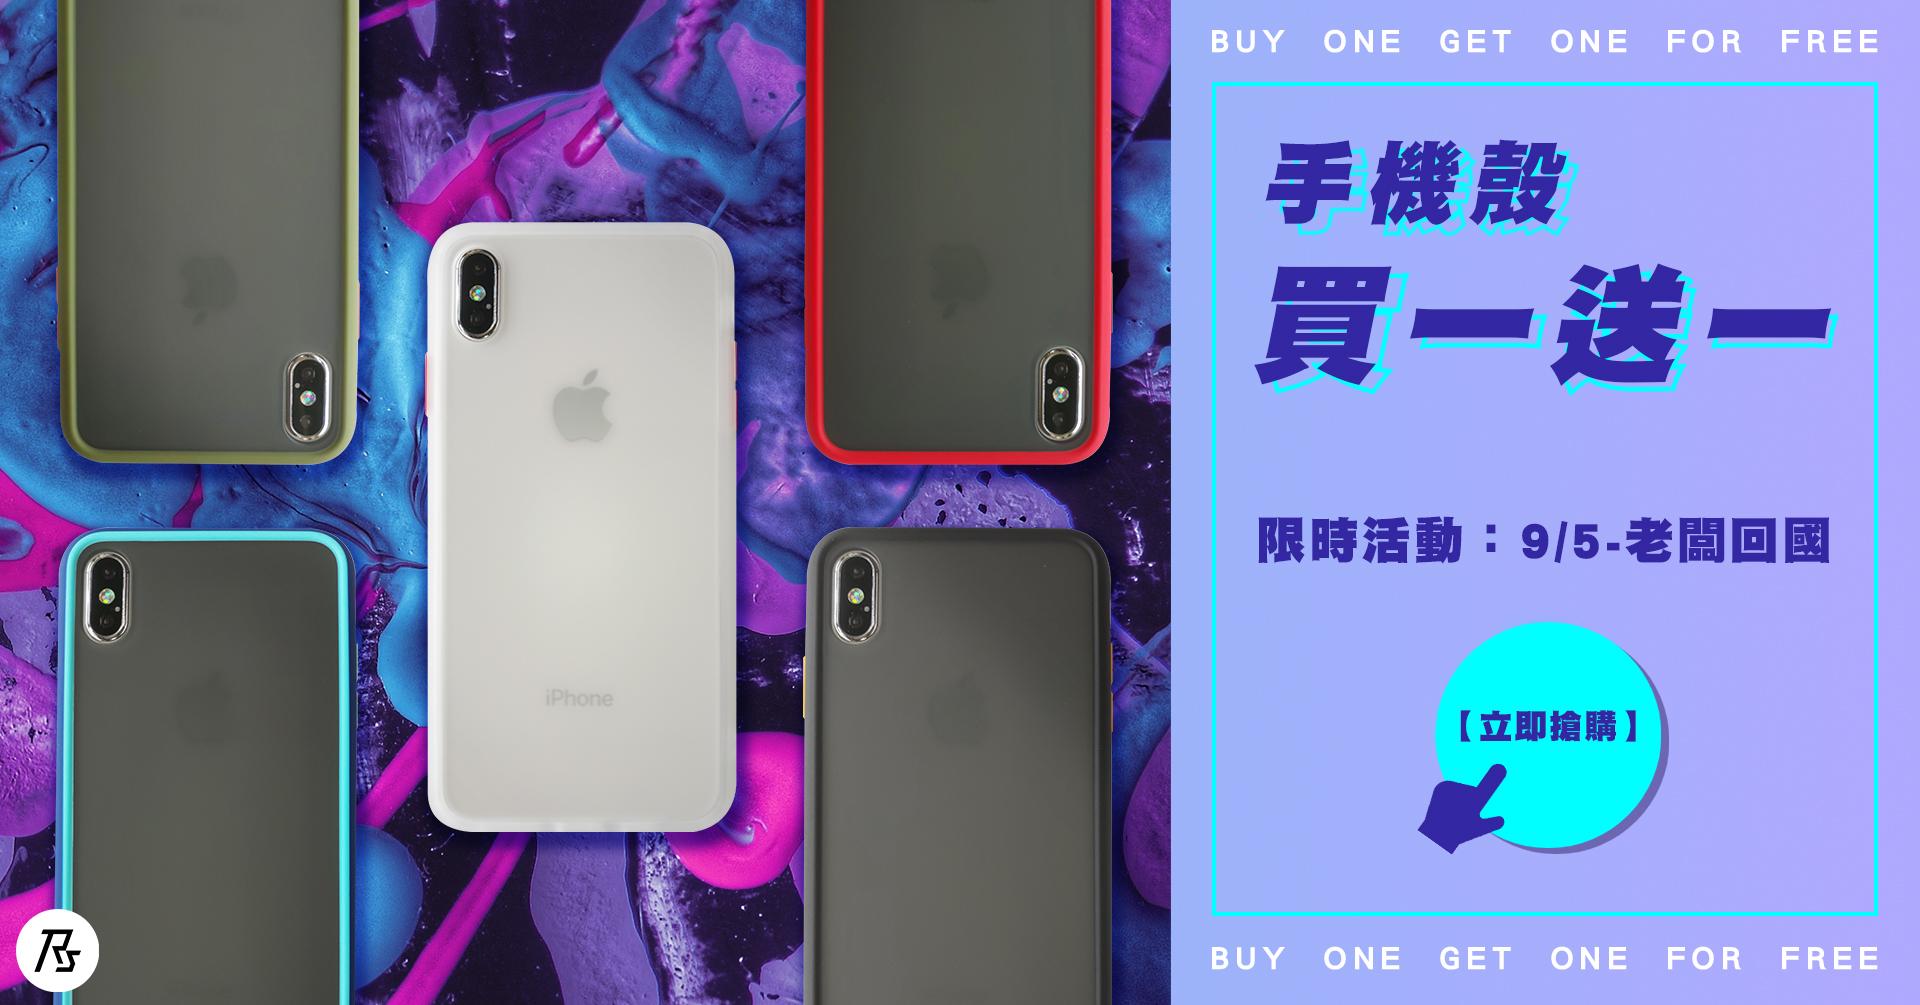 手機殼買一送一,iPhone手機殼買一送一